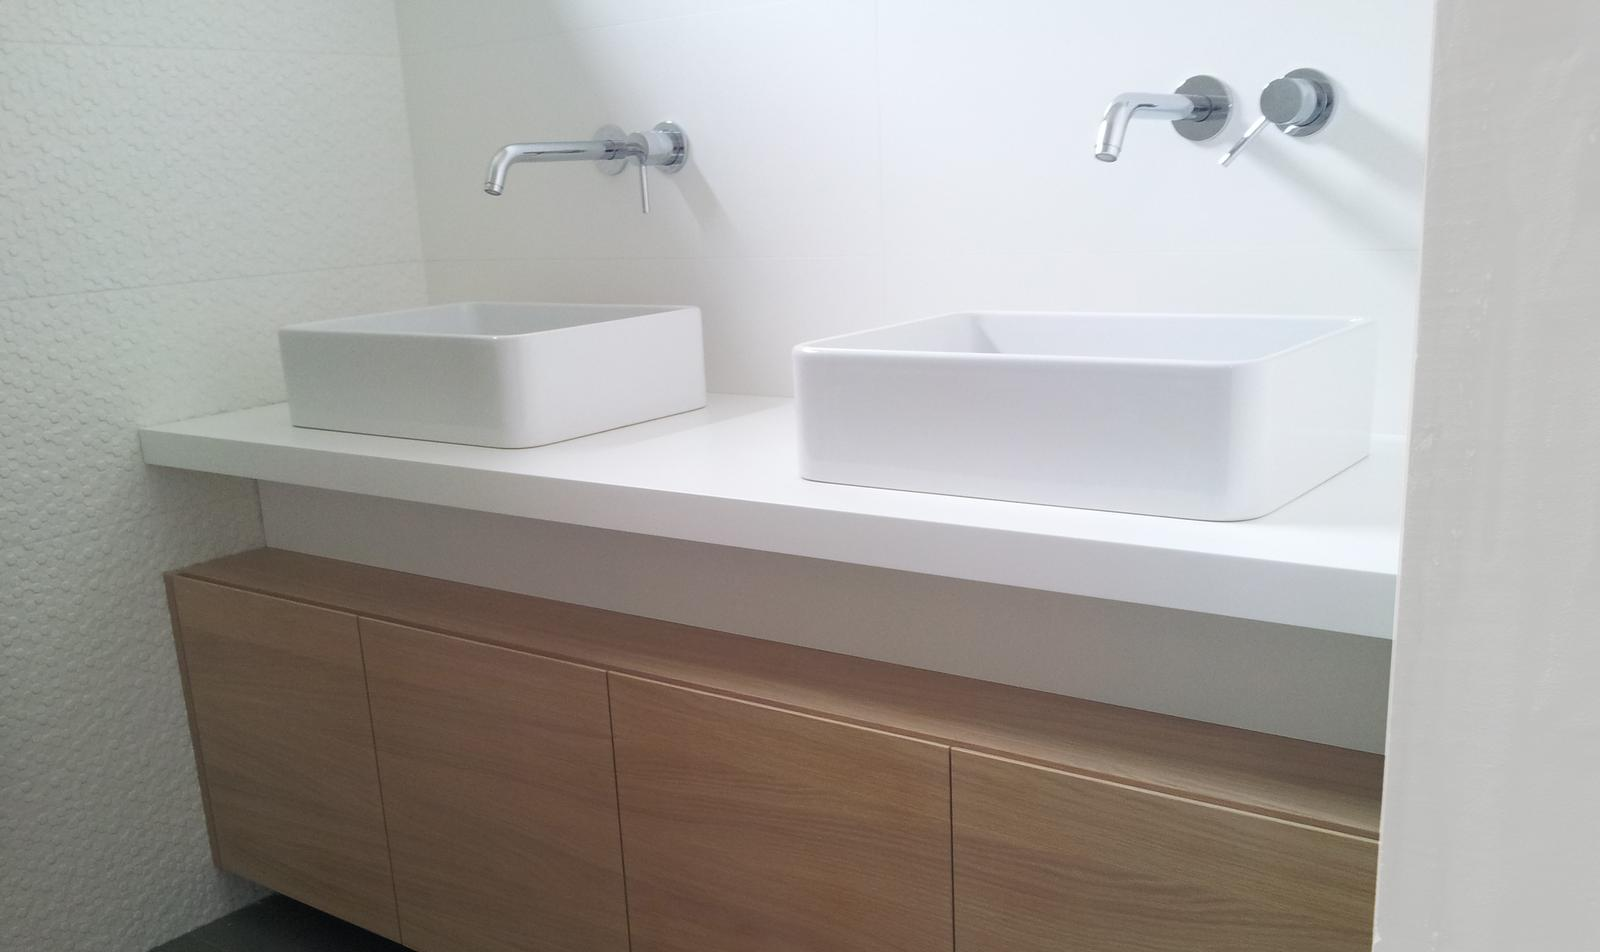 Dizajn a výroba nábytku na mieru Cubica - Kúpeľňová skrinka - pracovná doska biele bezpečnostné sklo - výroba cubica